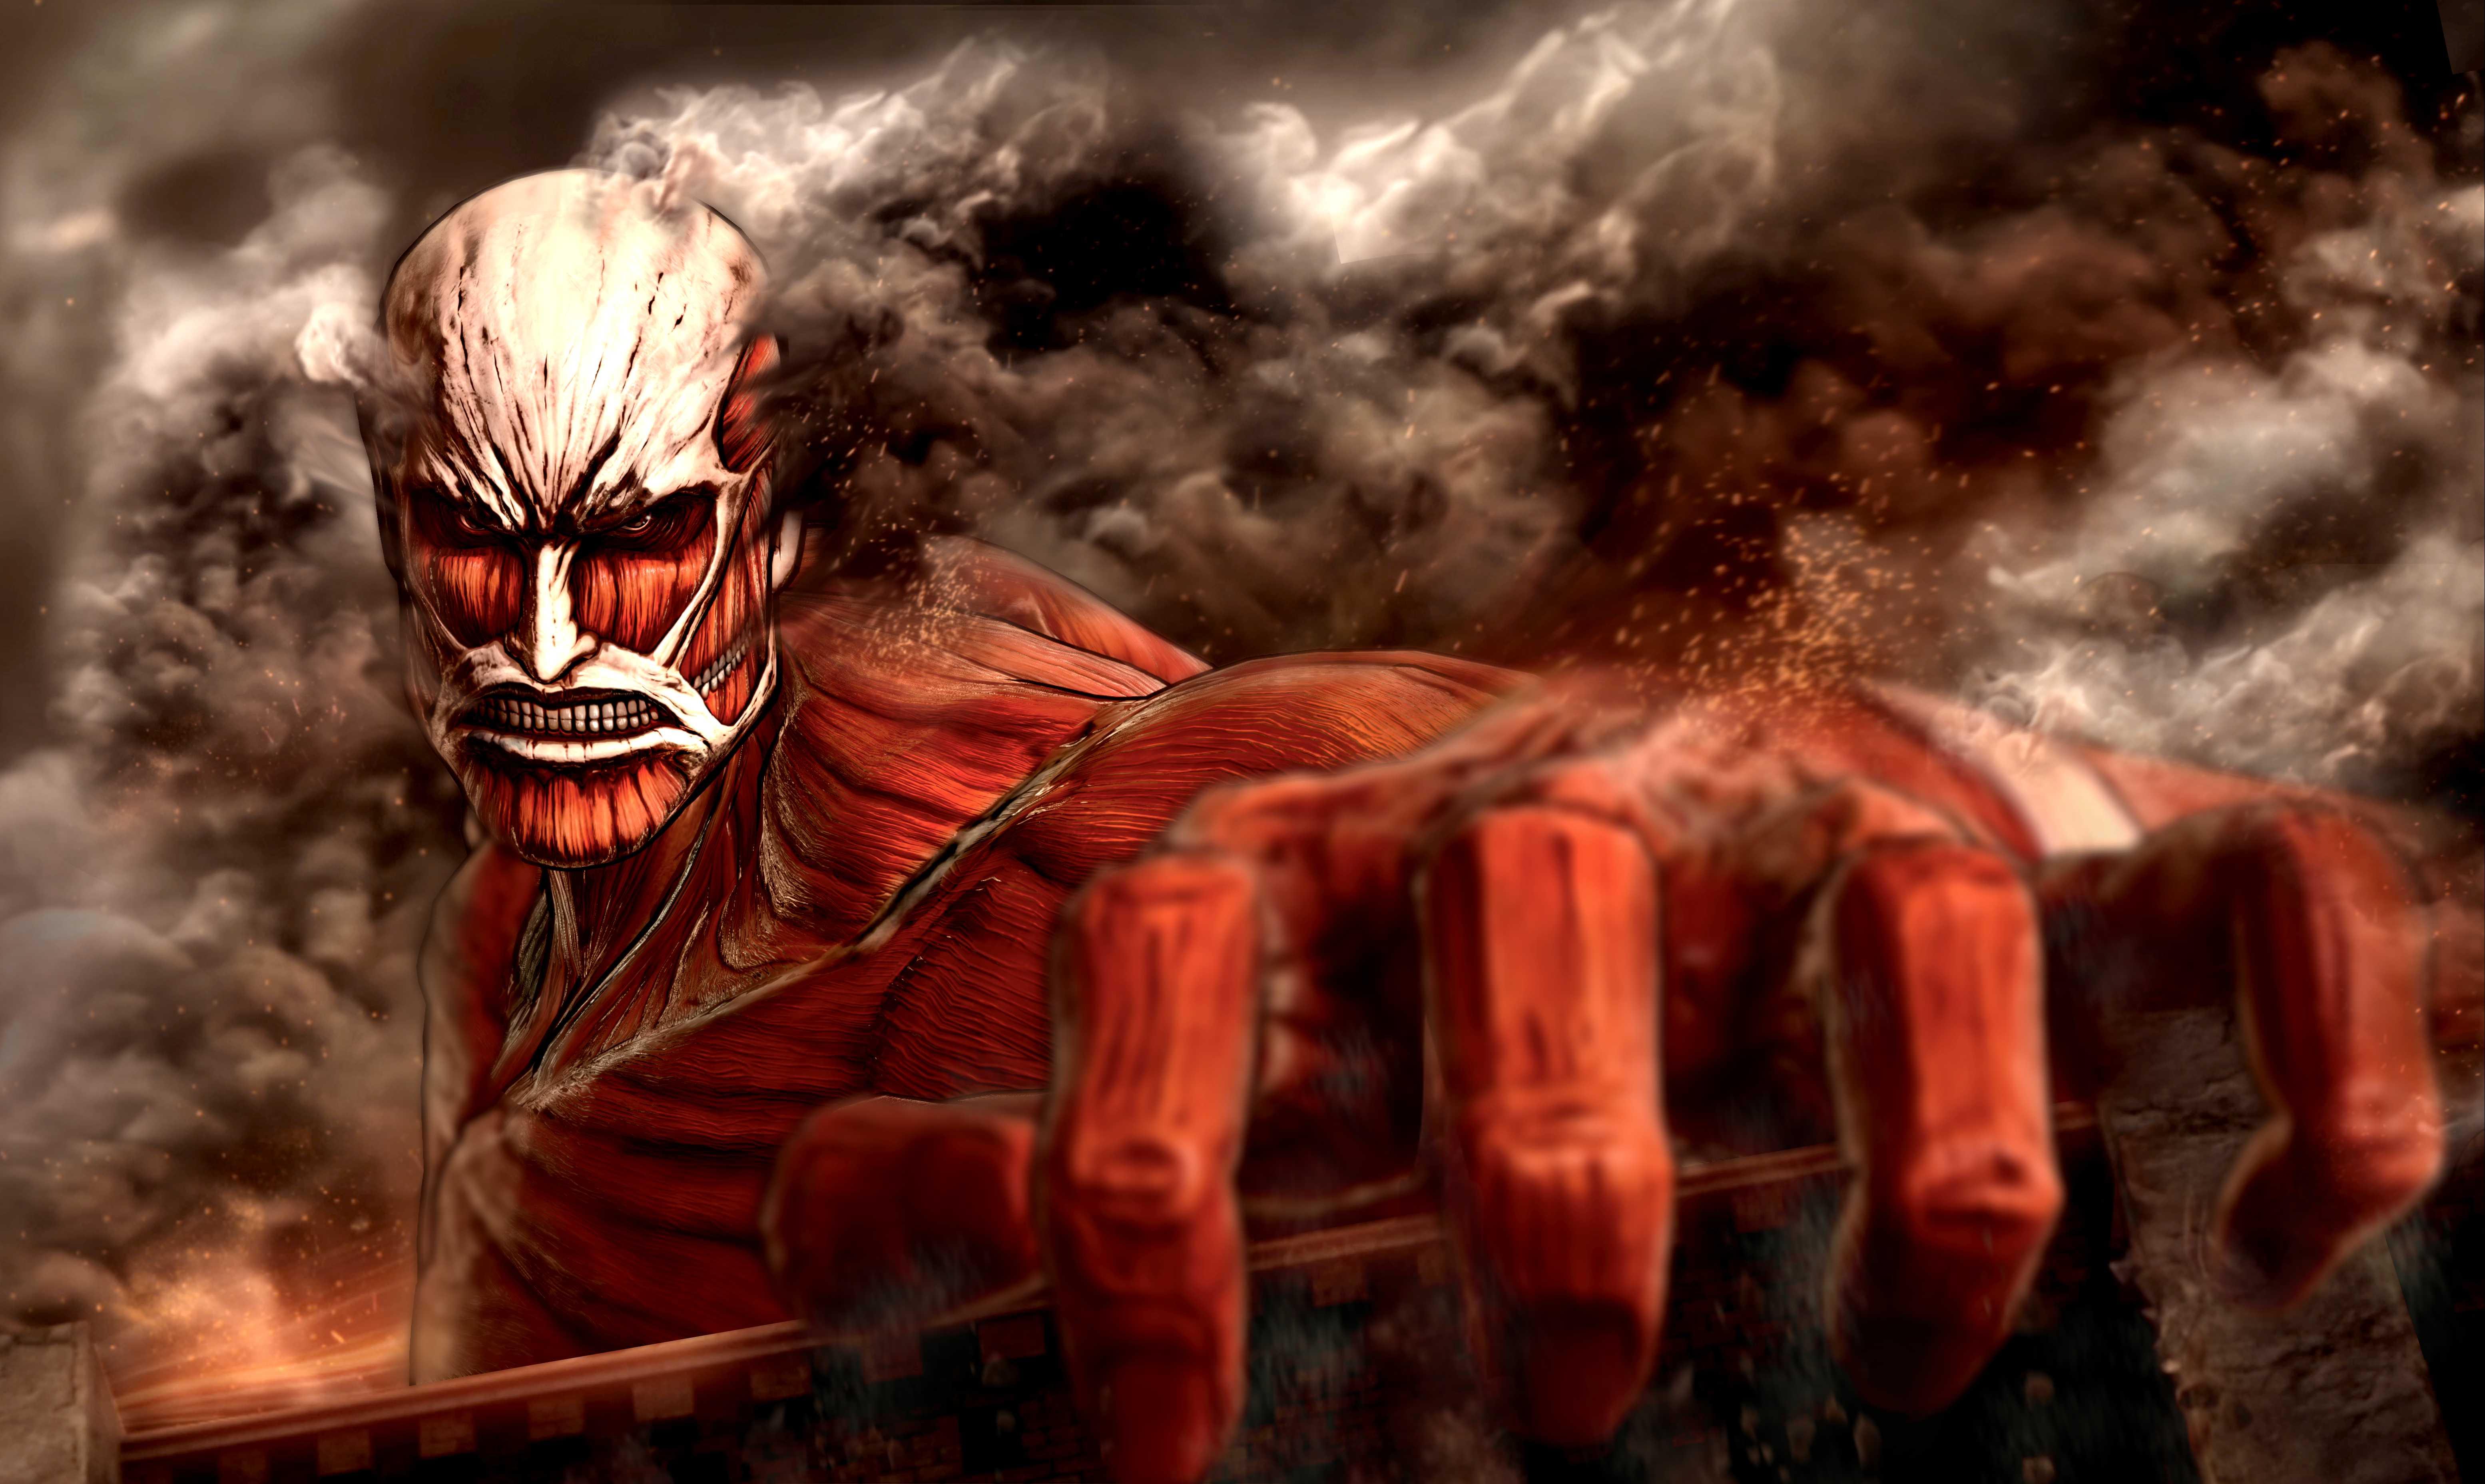 Attack on titan shingeki no kyojin 4k 8k hd wallpaper. Attack On Titan, HD Anime, 4k Wallpapers, Images ...